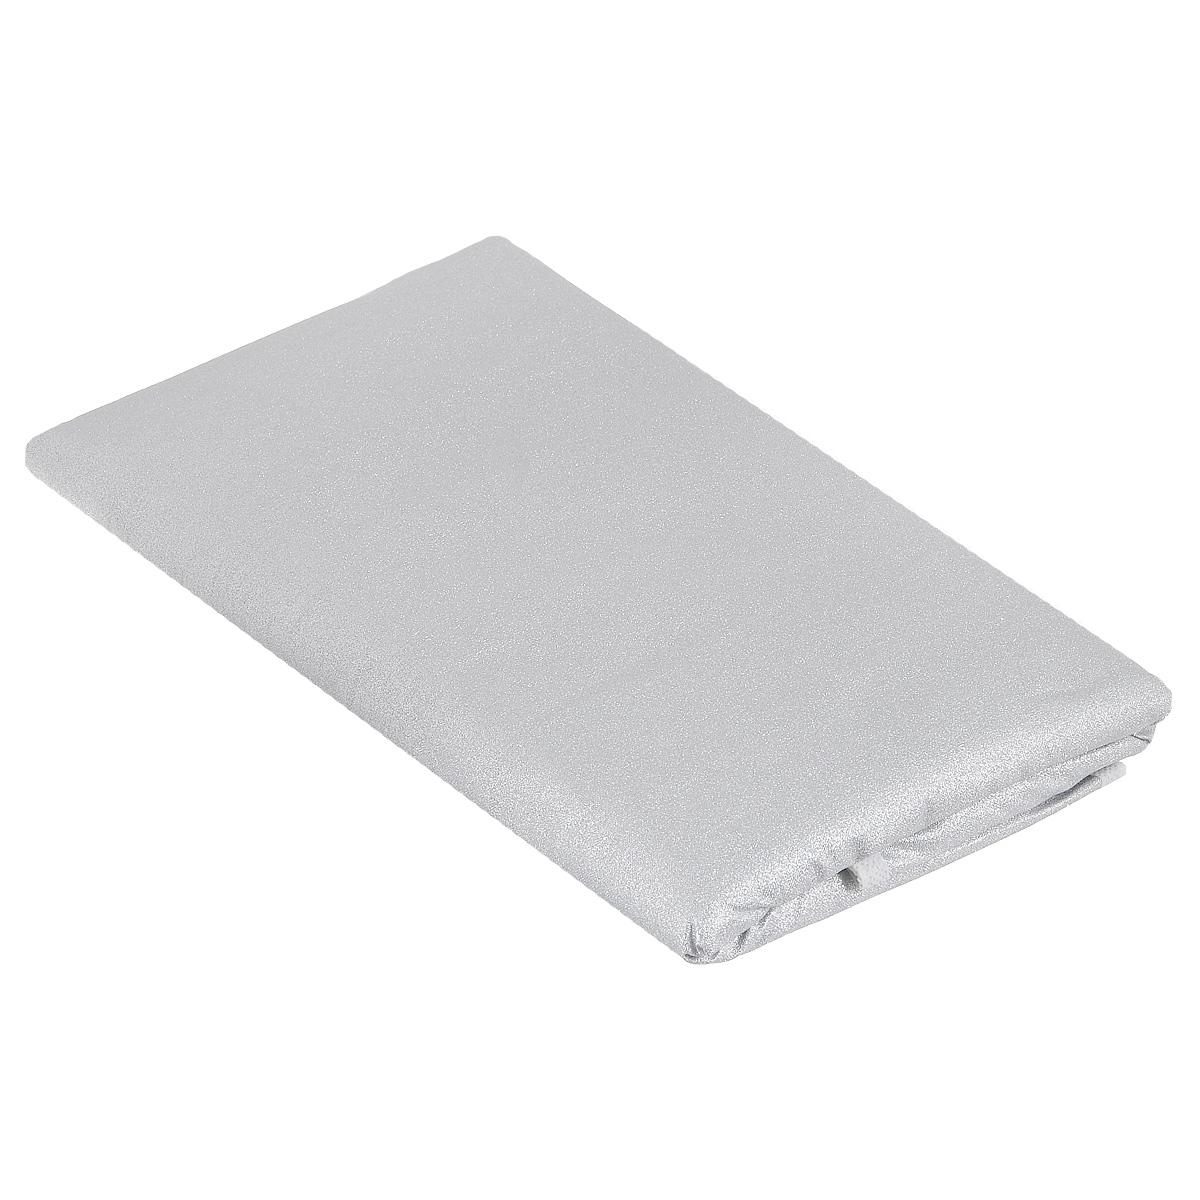 Чехол для гладильной доски Eva, цвет: серебристый, 156 х 53 смGC020/00Чехол для гладильной доски Eva выполнен из хлопчатобумажной ткани с термостойким тефлоновым покрытием и поролоновой подкладкой. Чехол предназначен для защиты или замены изношенного покрытия гладильной доски. Благодаря удобной системе фиксации легко крепится к гладильной доске. Этот качественный чехол обеспечит вам легкое глажение. Размер чехла: 156 см x 53 см. Размер доски, для которой предназначен чехол: 148 см x 46 см.